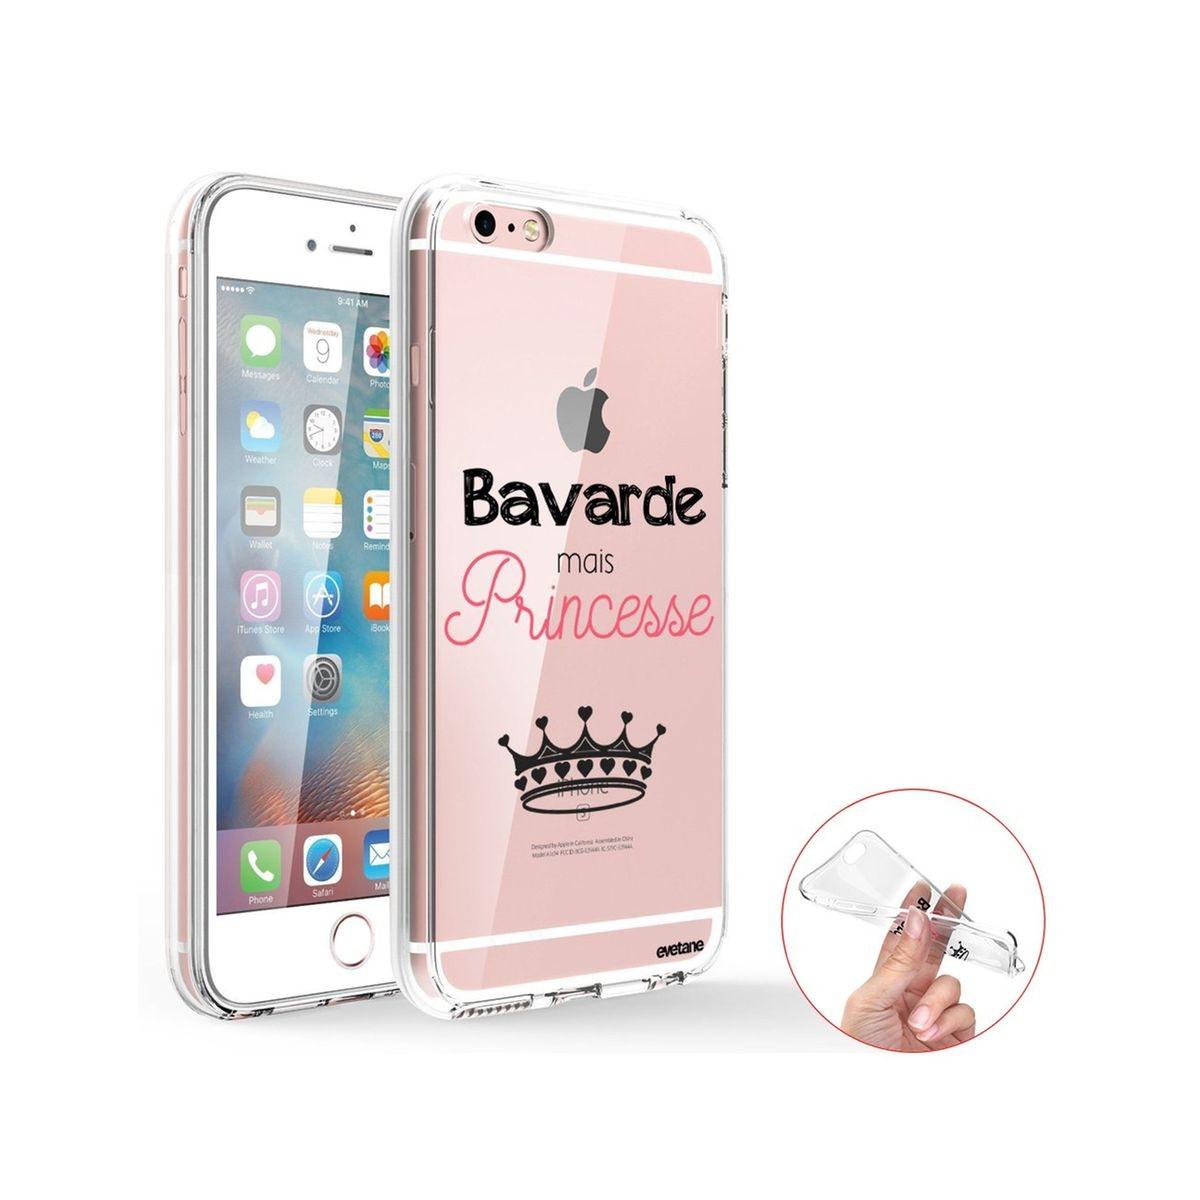 coque iphone 6 bavarde